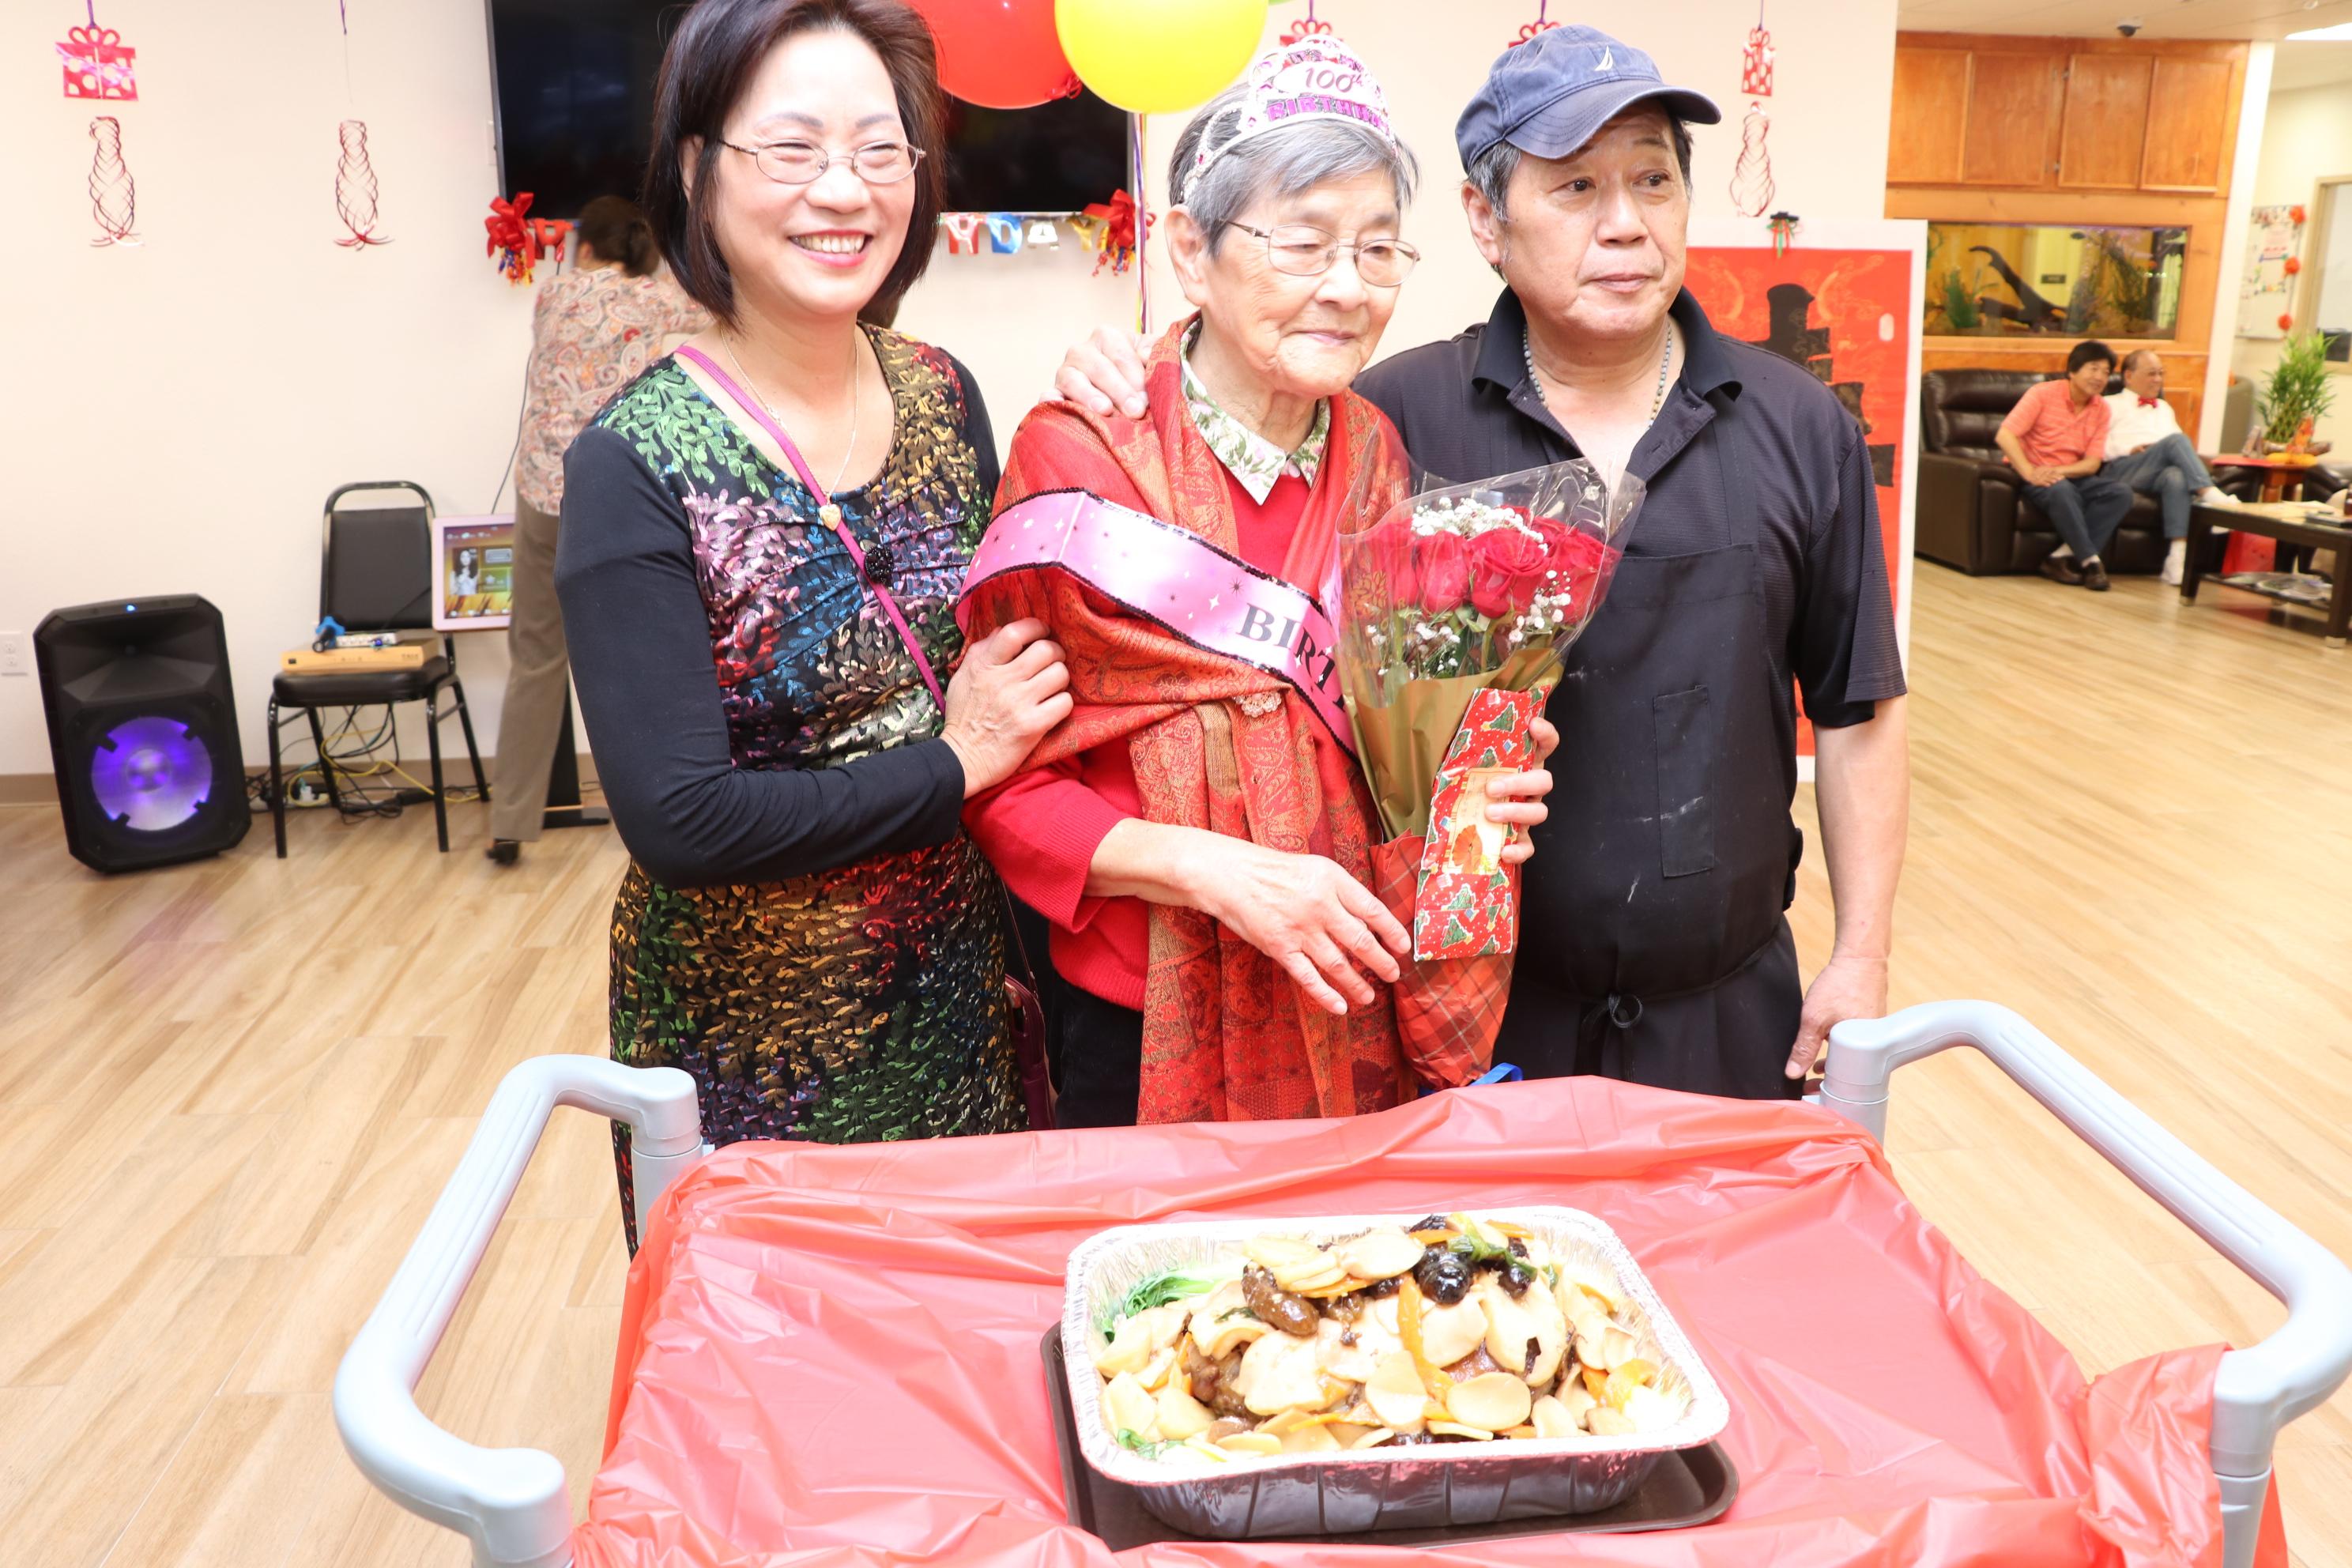 長樂活動中心主廚葉師父(右)獻上長壽麵,祝福張姥姥福壽綿長。